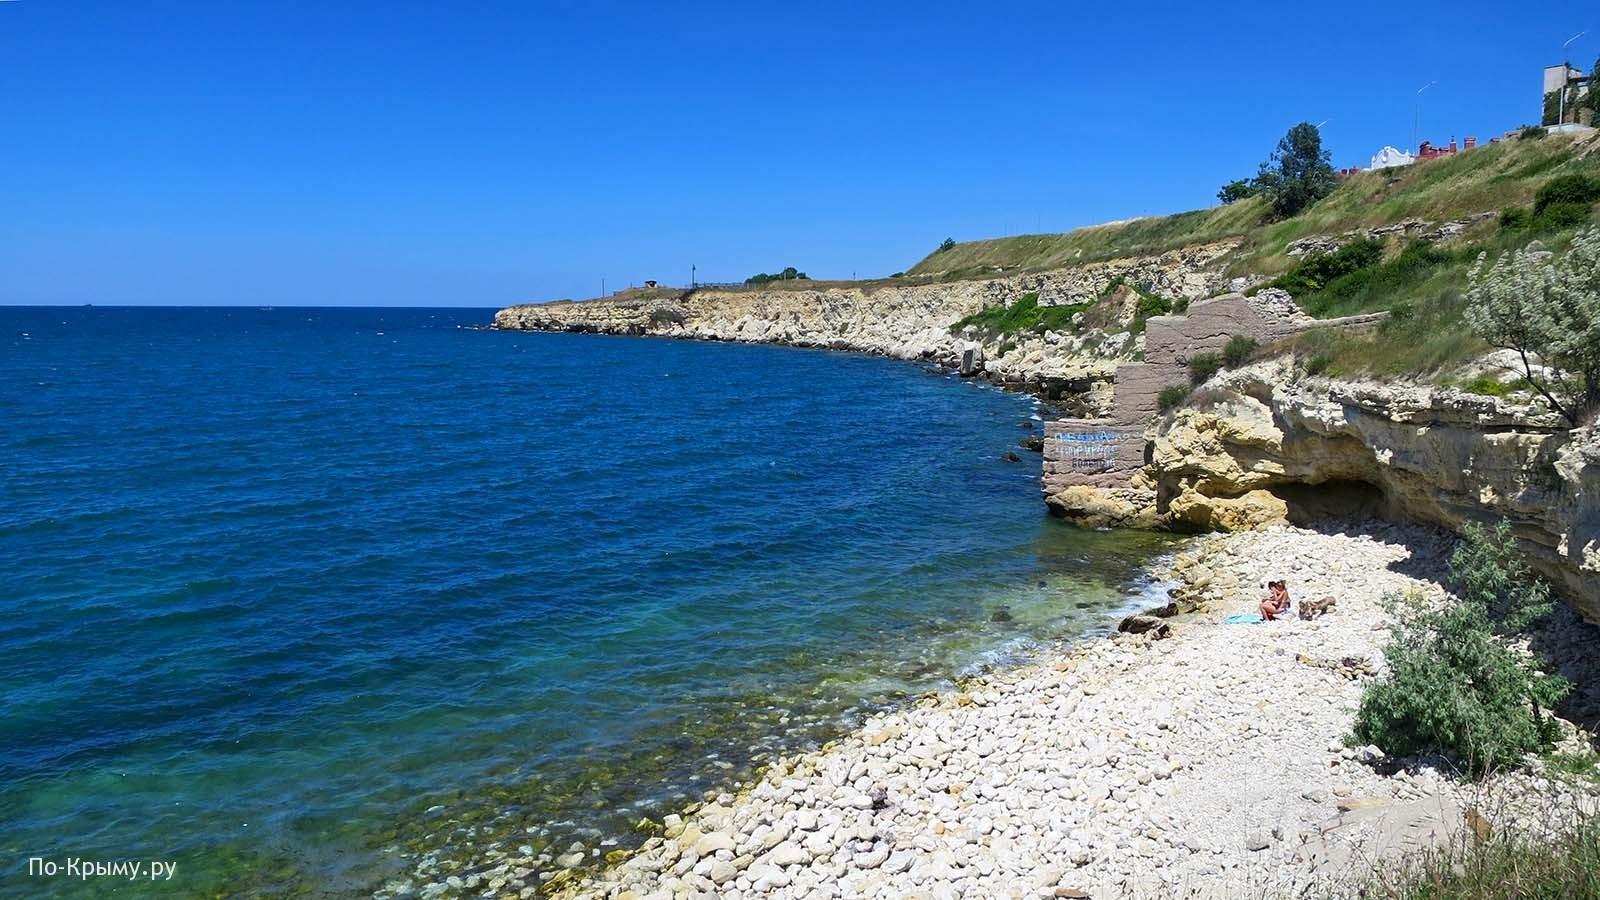 Дикий пляж Скалки в Севастополе